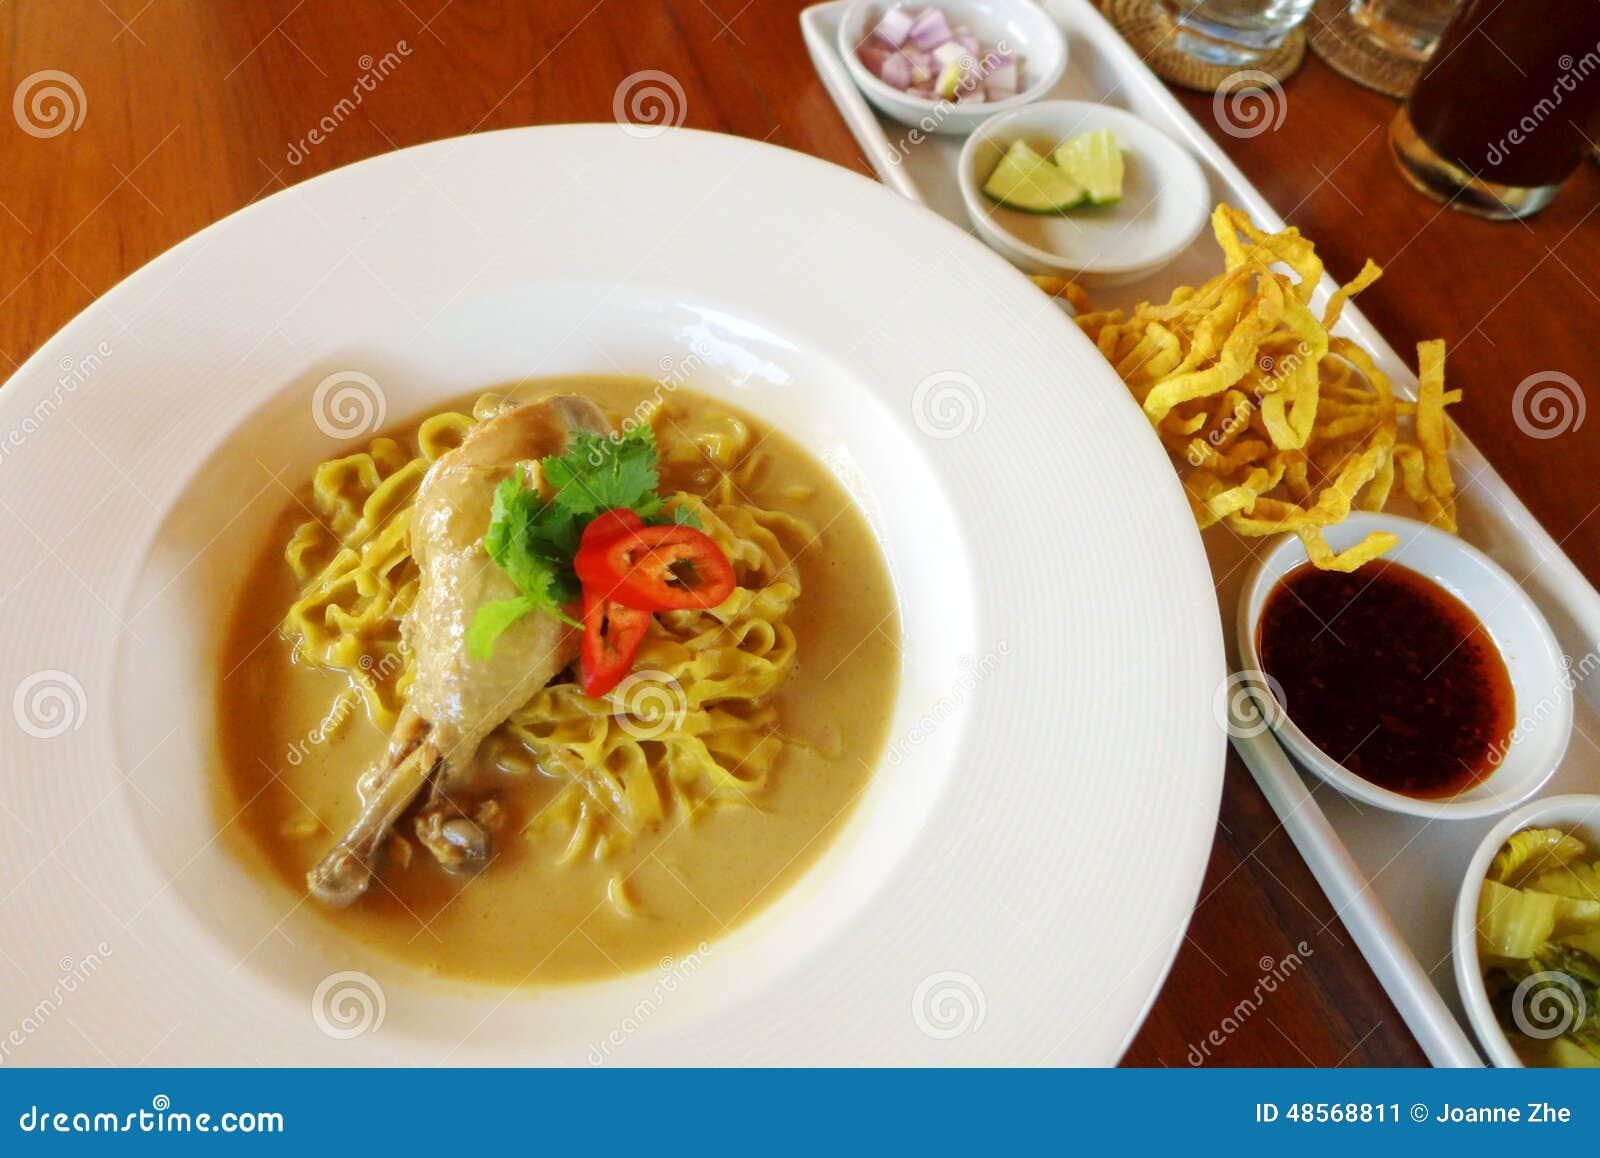 how to make khao suey soup